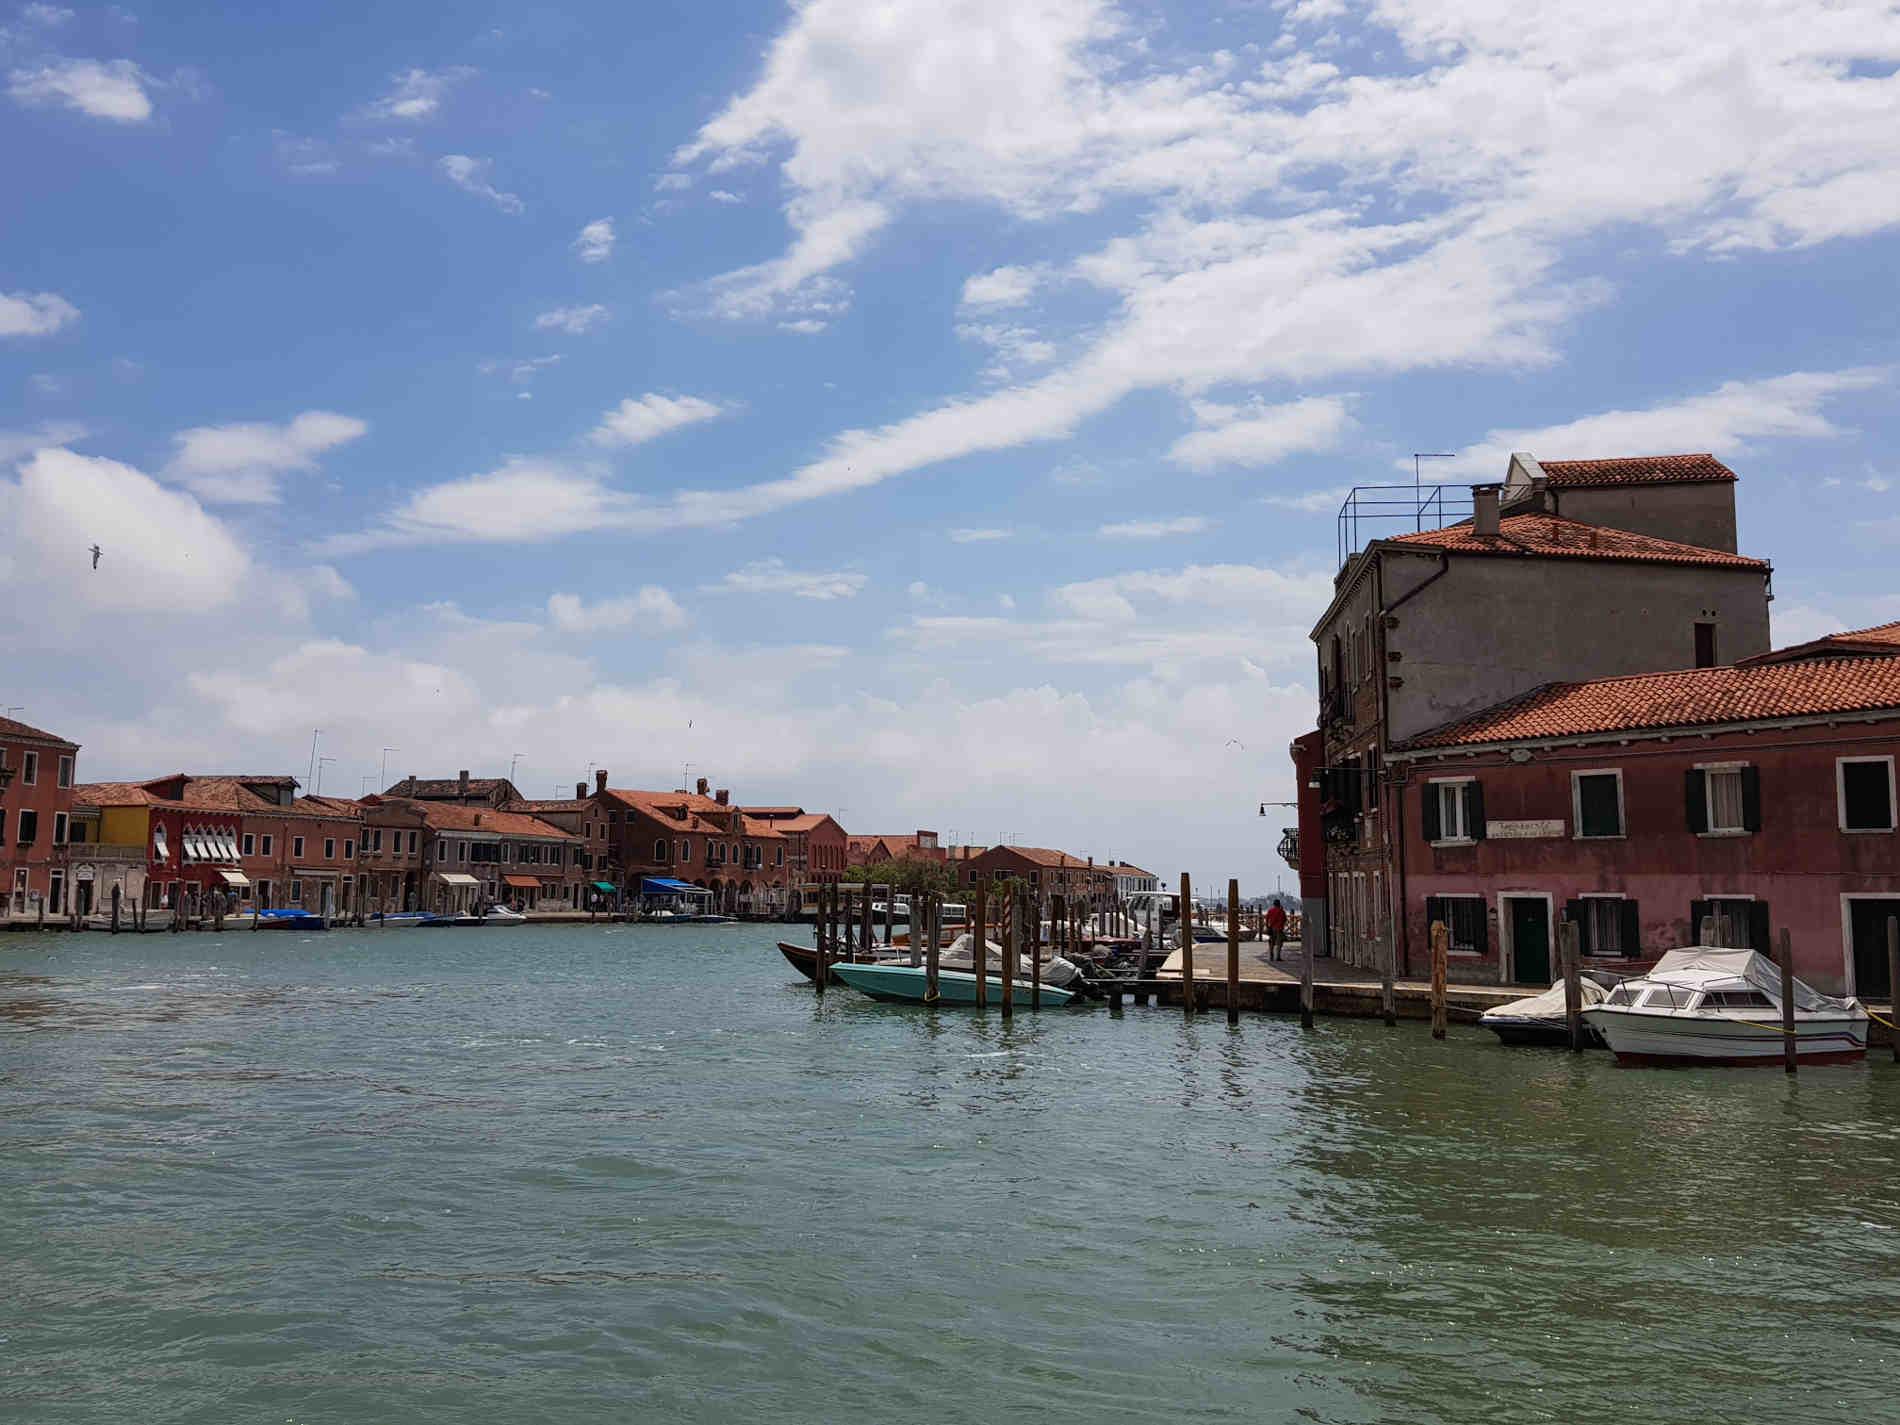 Venezia e la sua laguna patrimonio culturale dell'Umanità